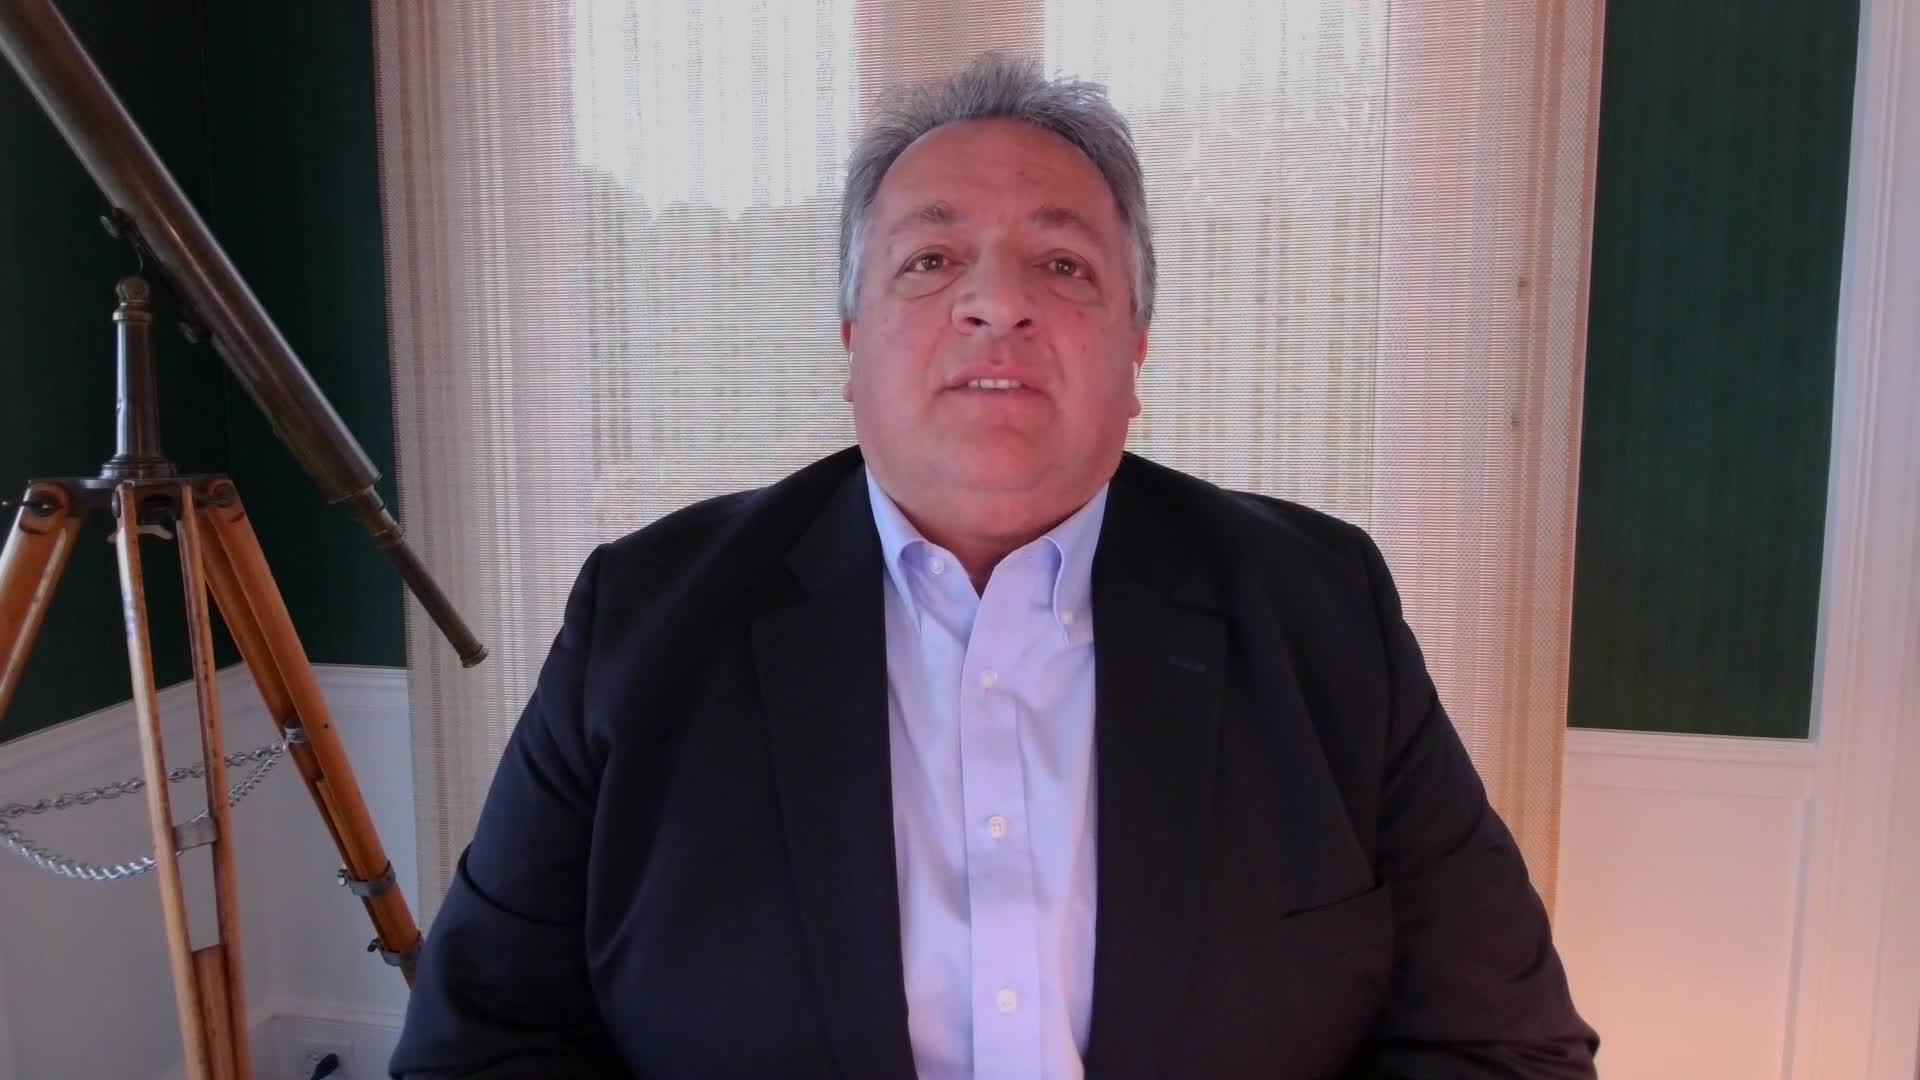 Moderna chairmanNoubar Afeyan speaks during an interview on November 30.